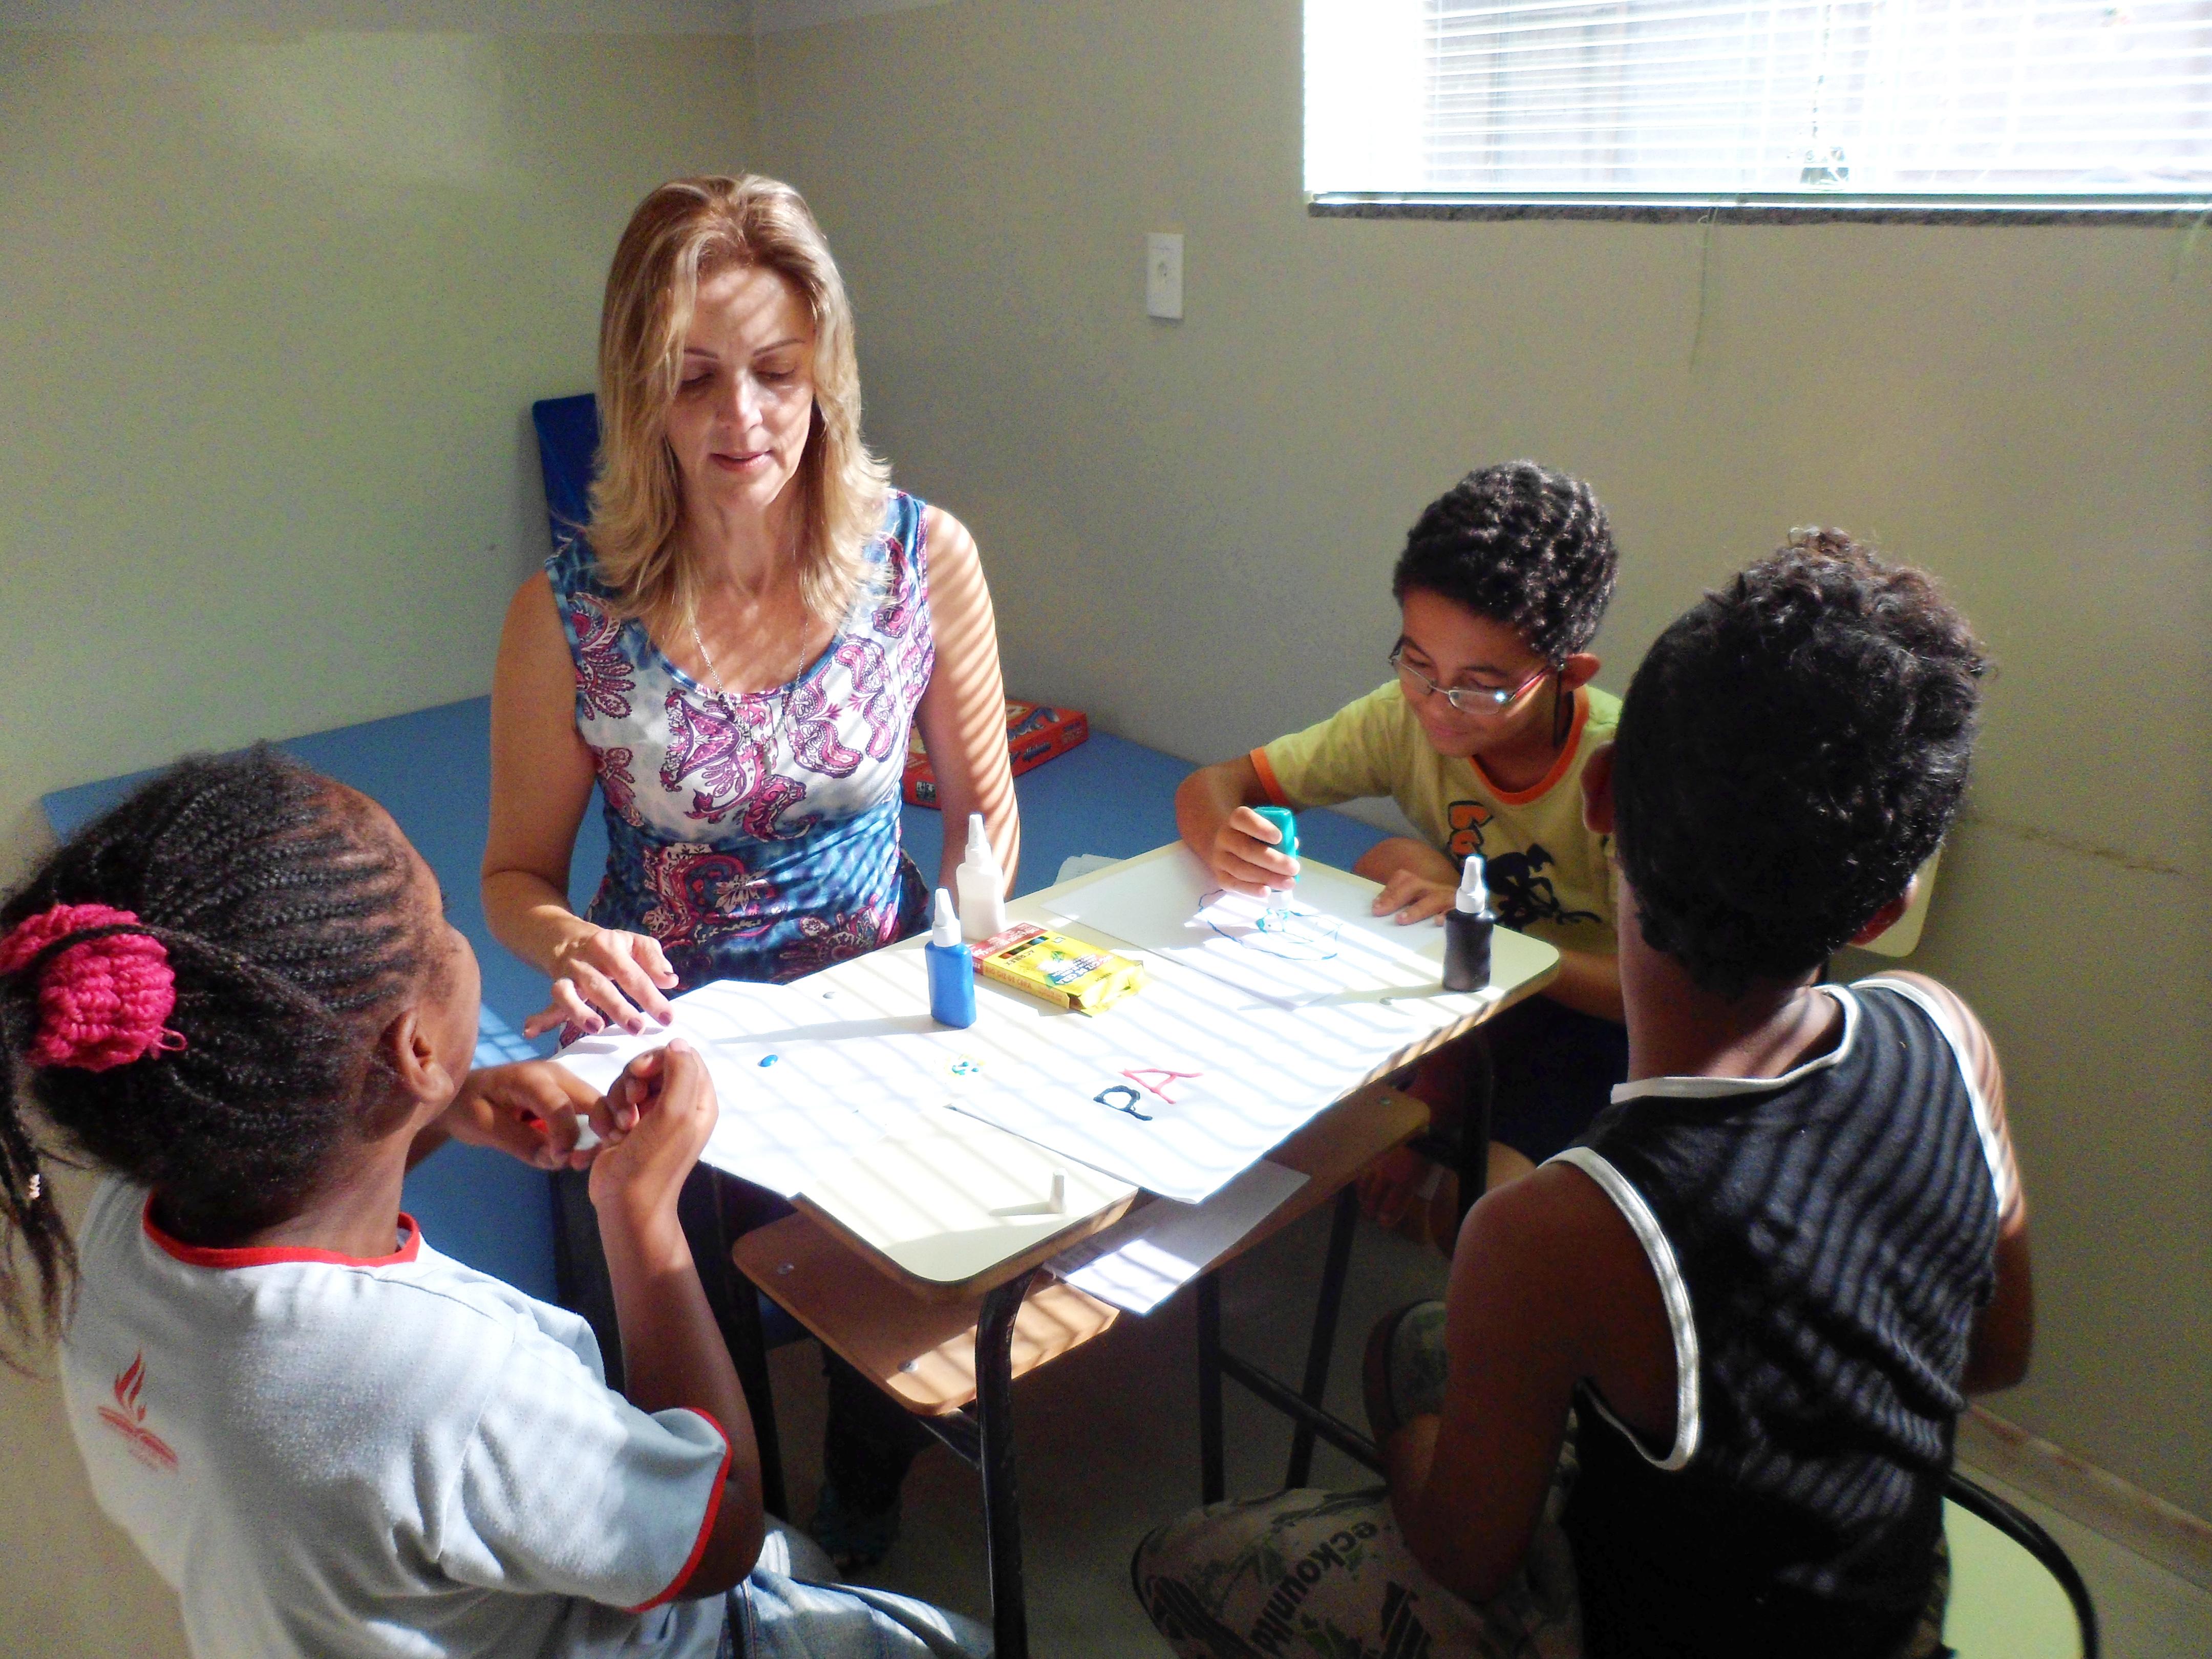 Em mesa escolar, estão sentadas três crianças e uma professora. Duas interagem com a professora, enquanto a terceira pinta com tinta-cola em folha branca.